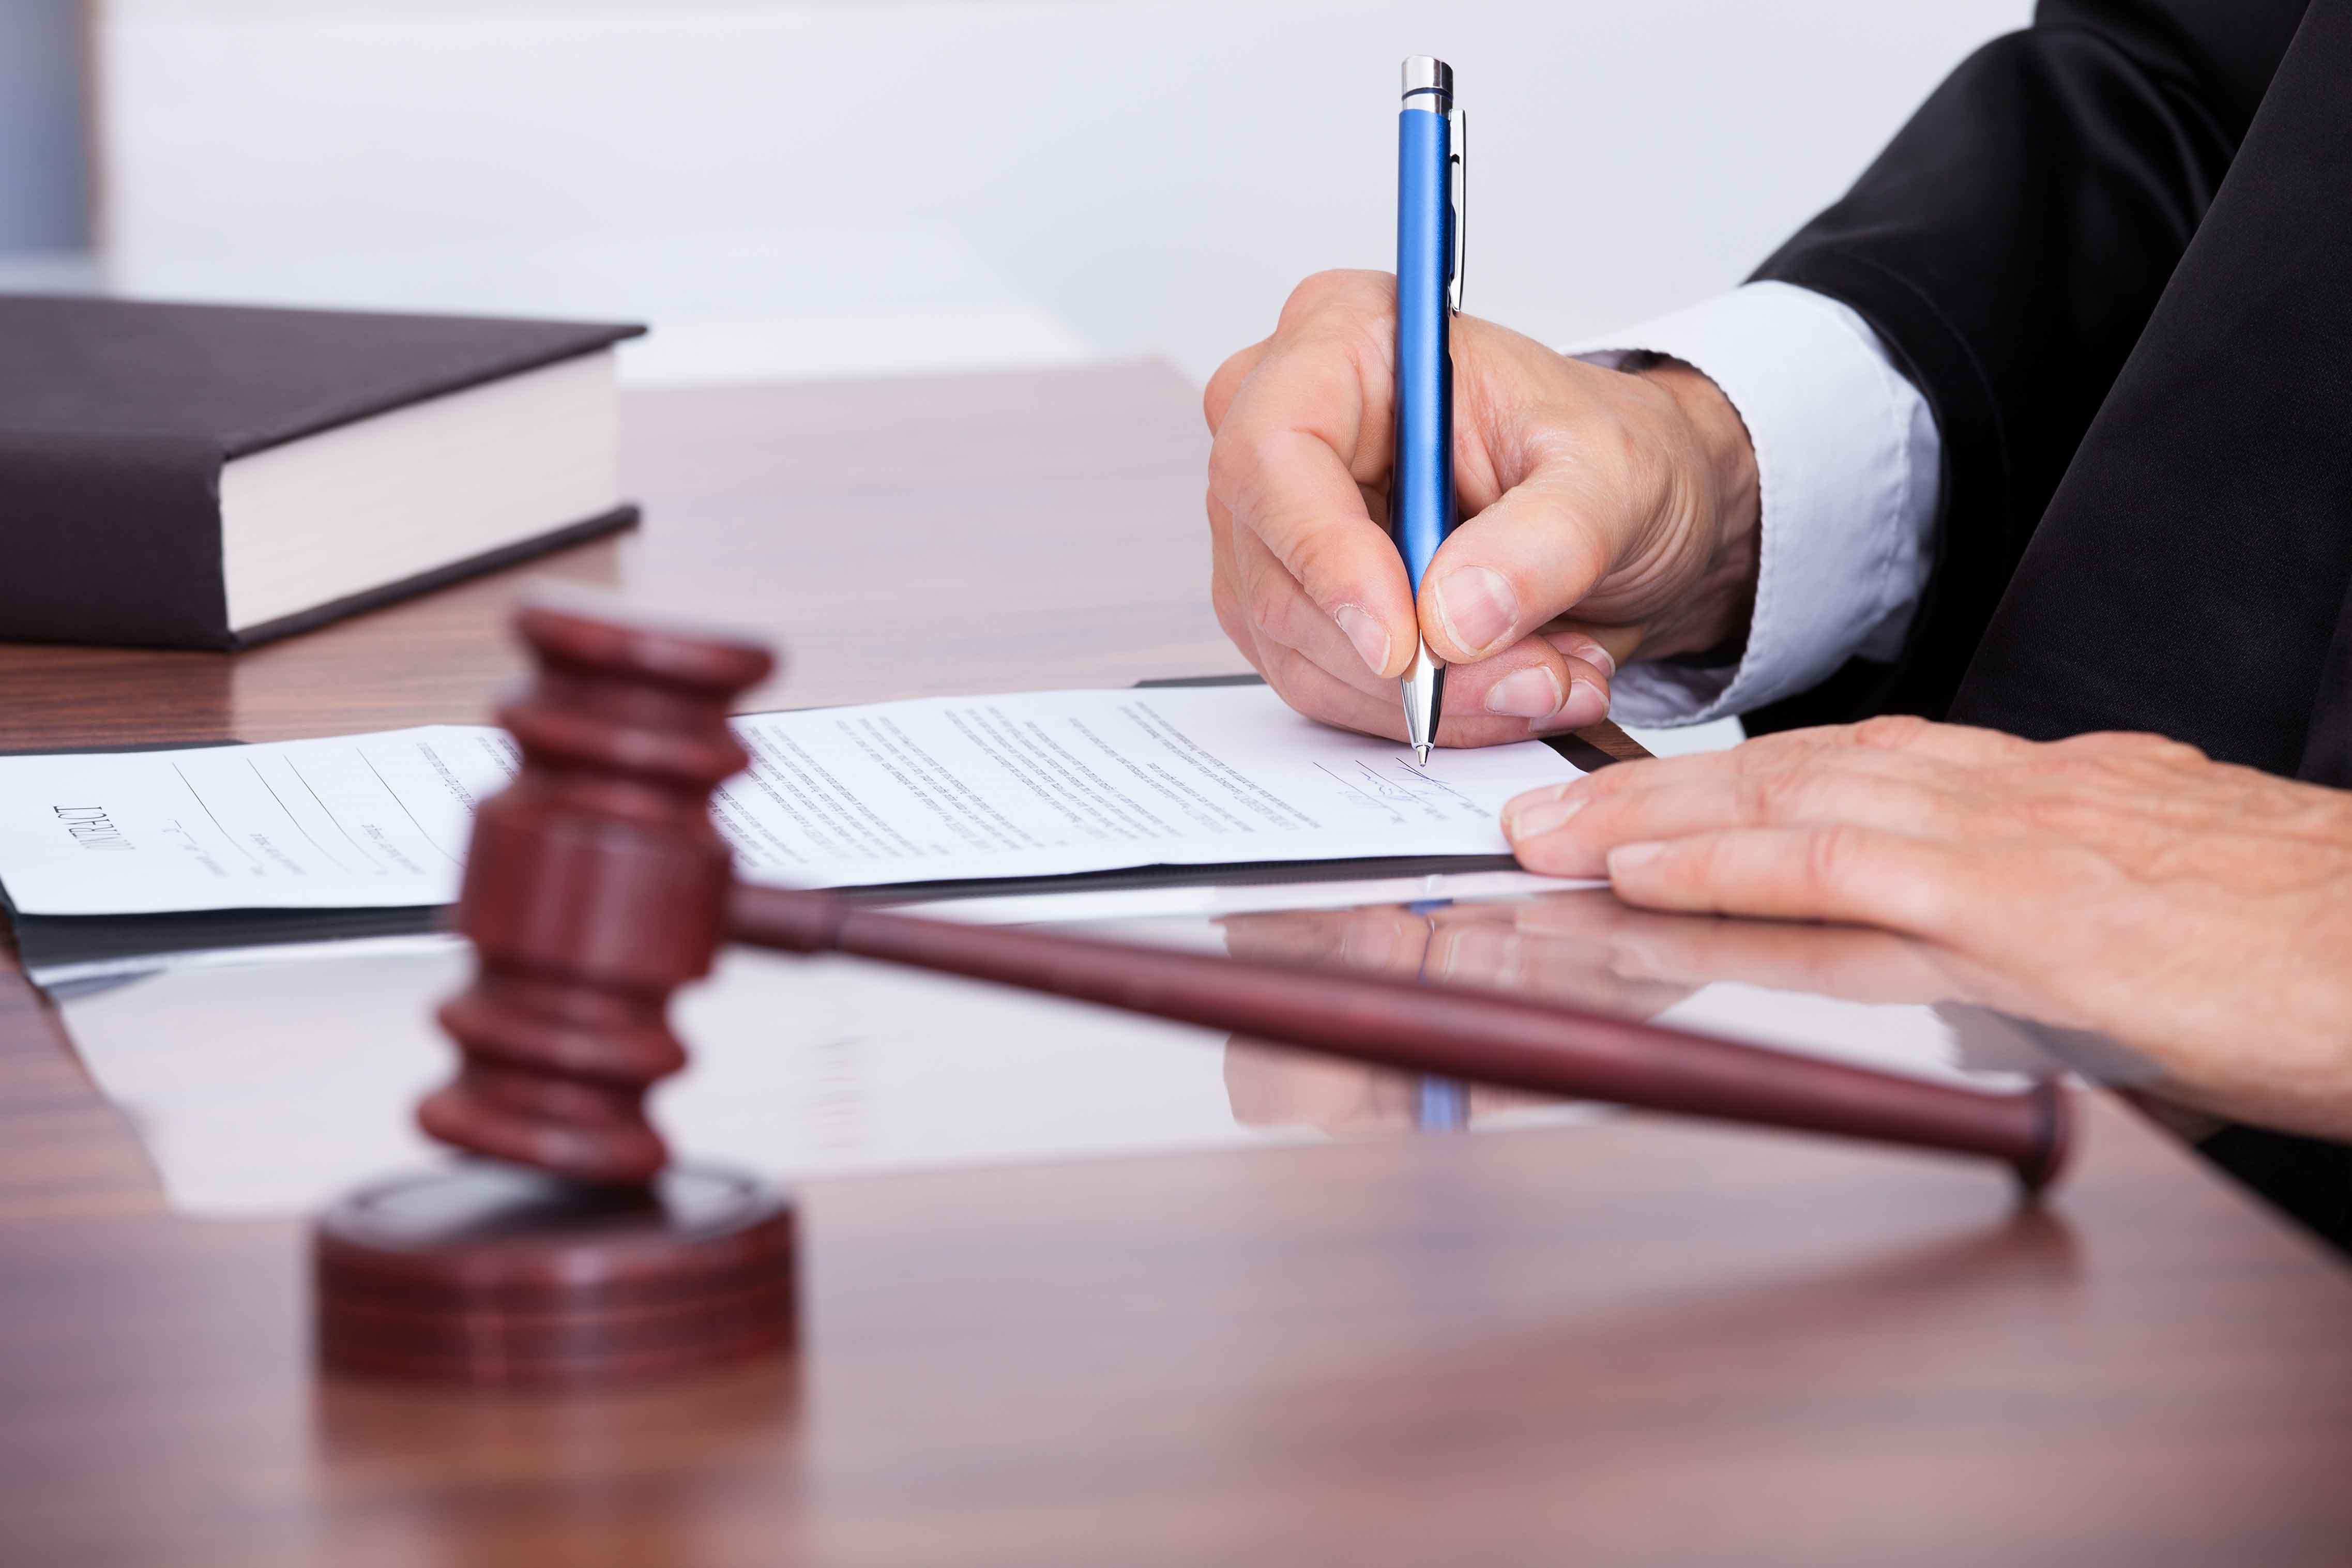 ними, документы которые составляет адвокат по уголовным делам Эта задача